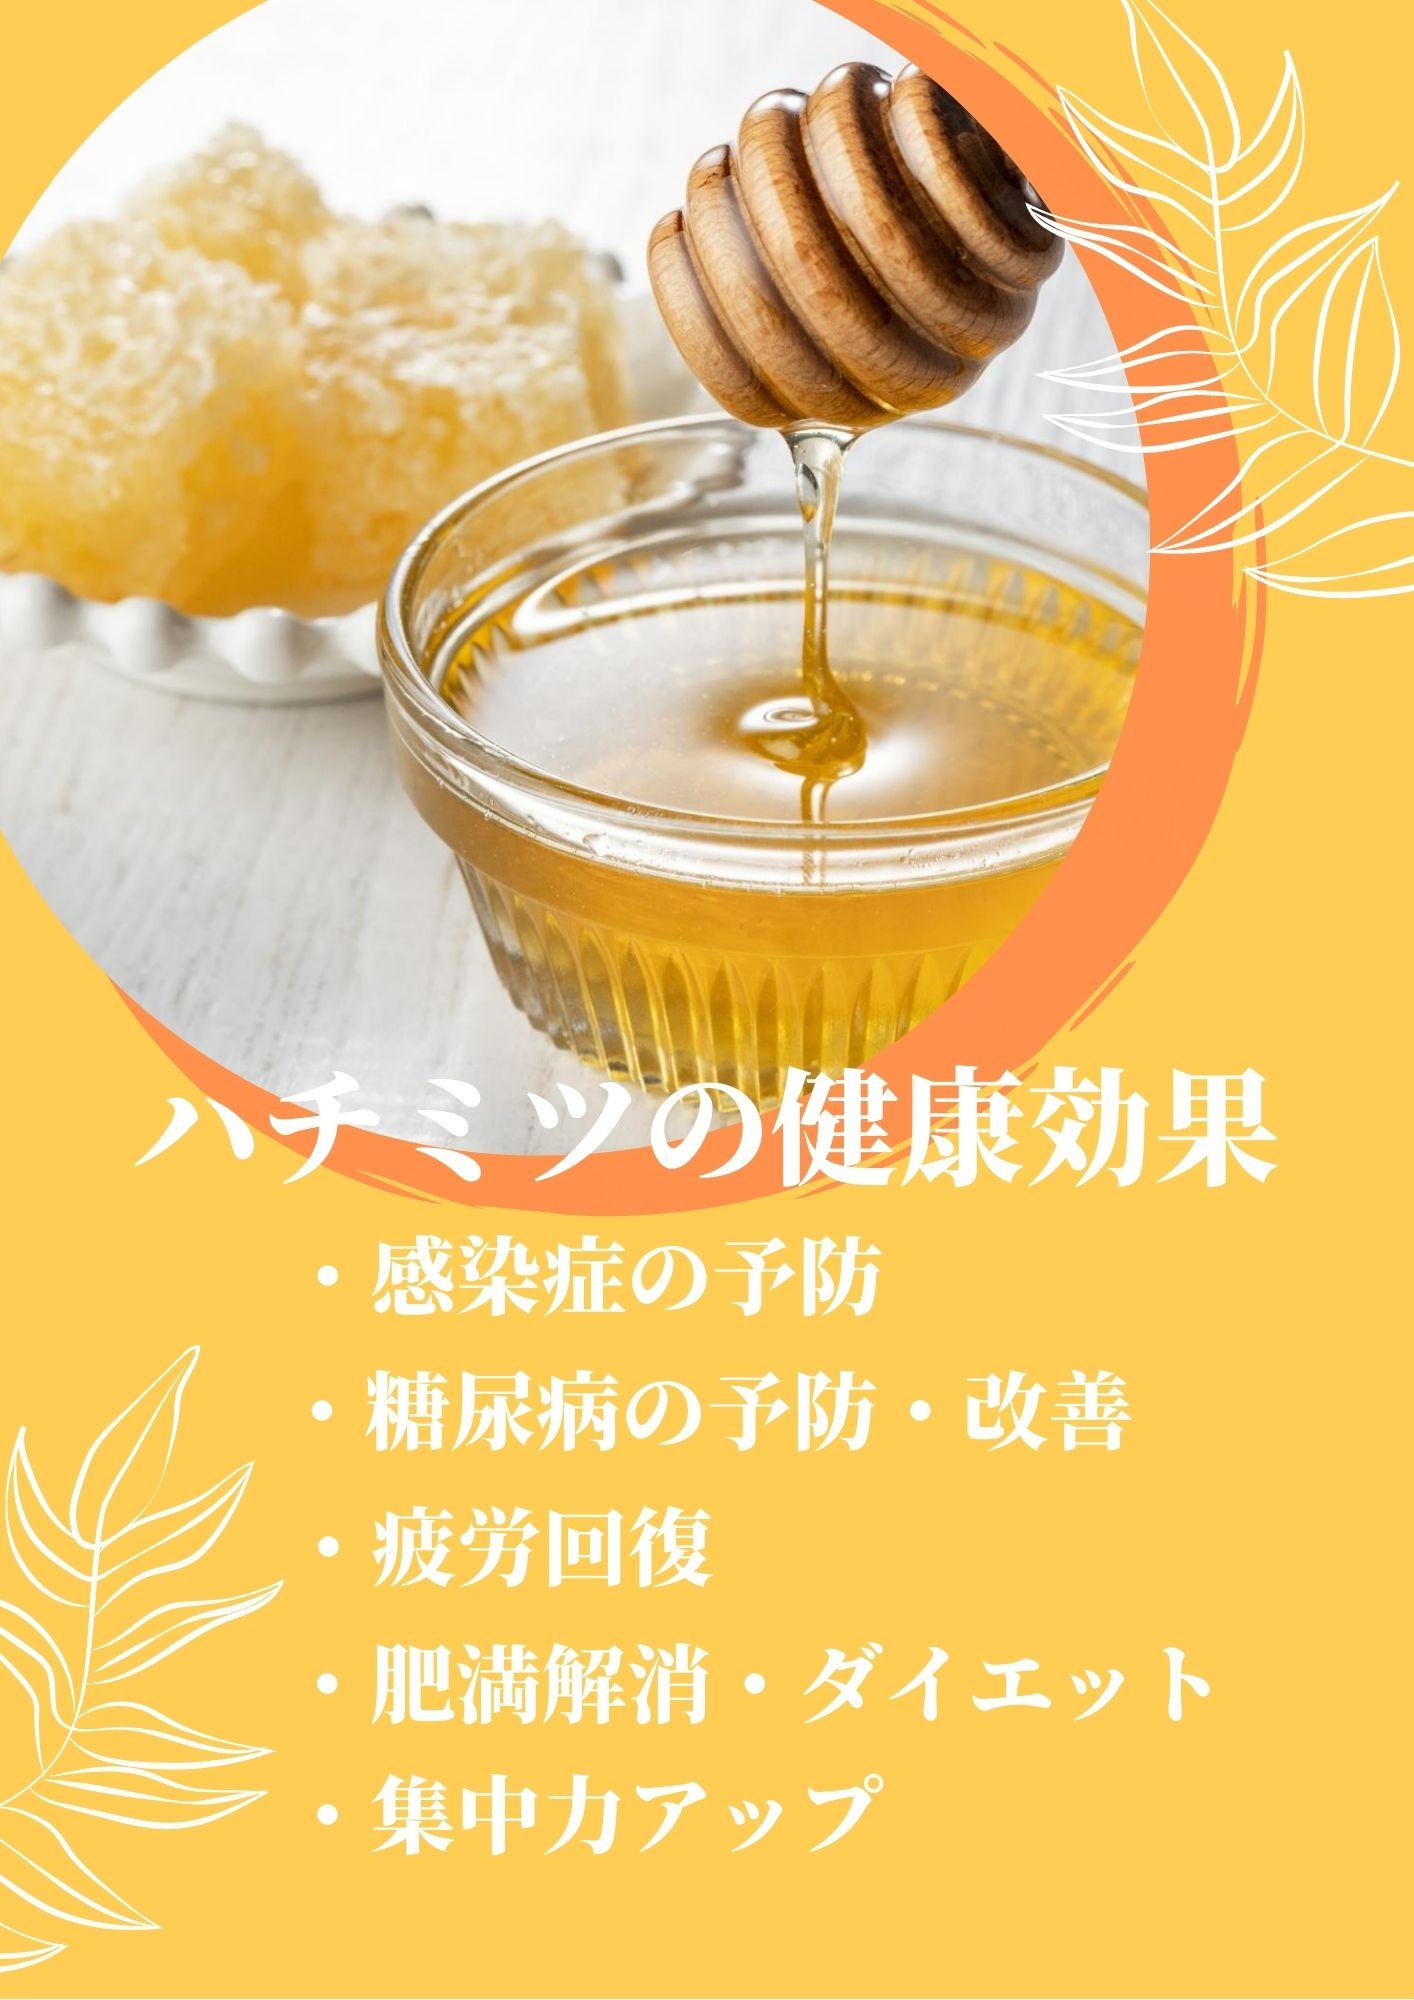 ハチミツ 健康効果